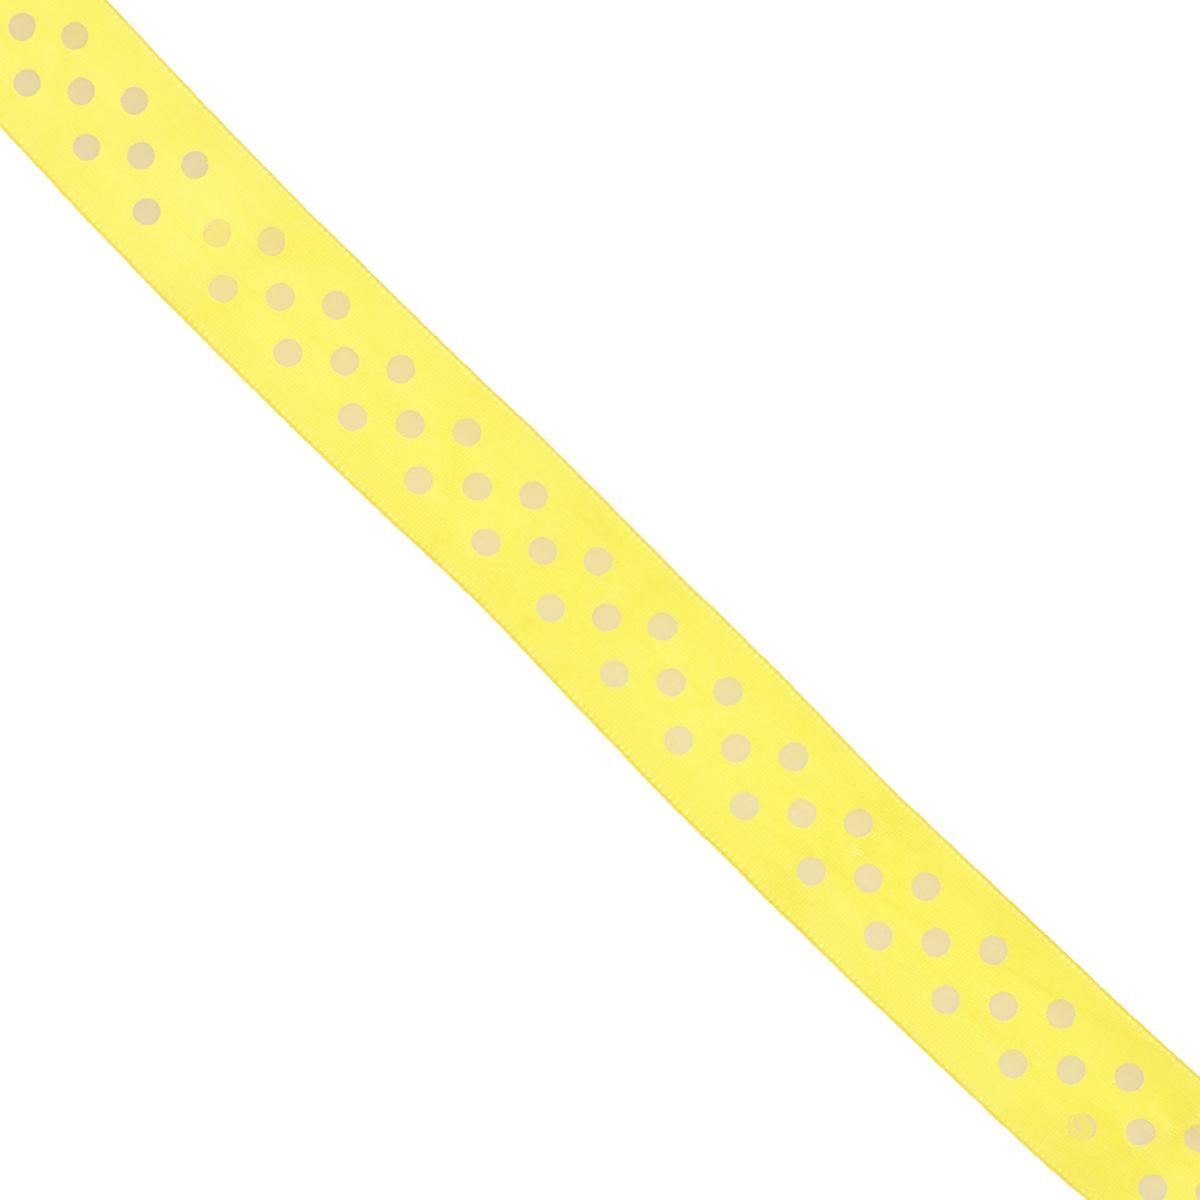 Лента атласная Dekor Line Горошек, цвет: желтый, белый, ширина 2,5 см, длина 3 м7710569_желтыйАтласная лента Dekor Line Горошек выполнена из высококачественного полиэстера. Область применения атласной ленты весьма широка. Лента предназначена для оформления цветочных букетов, подарочных коробок, пакетов. Кроме того, она с успехом применяется для художественного оформления витрин, праздничного оформления помещений, изготовления искусственных цветов. Ее также можно использовать для творчества в различных техниках, таких как скрапбукинг, оформление аппликаций, для украшения фотоальбомов, подарков, конвертов, фоторамок, открыток и прочего.Ширина ленты: 2,5 см.Длина ленты: 3 м.